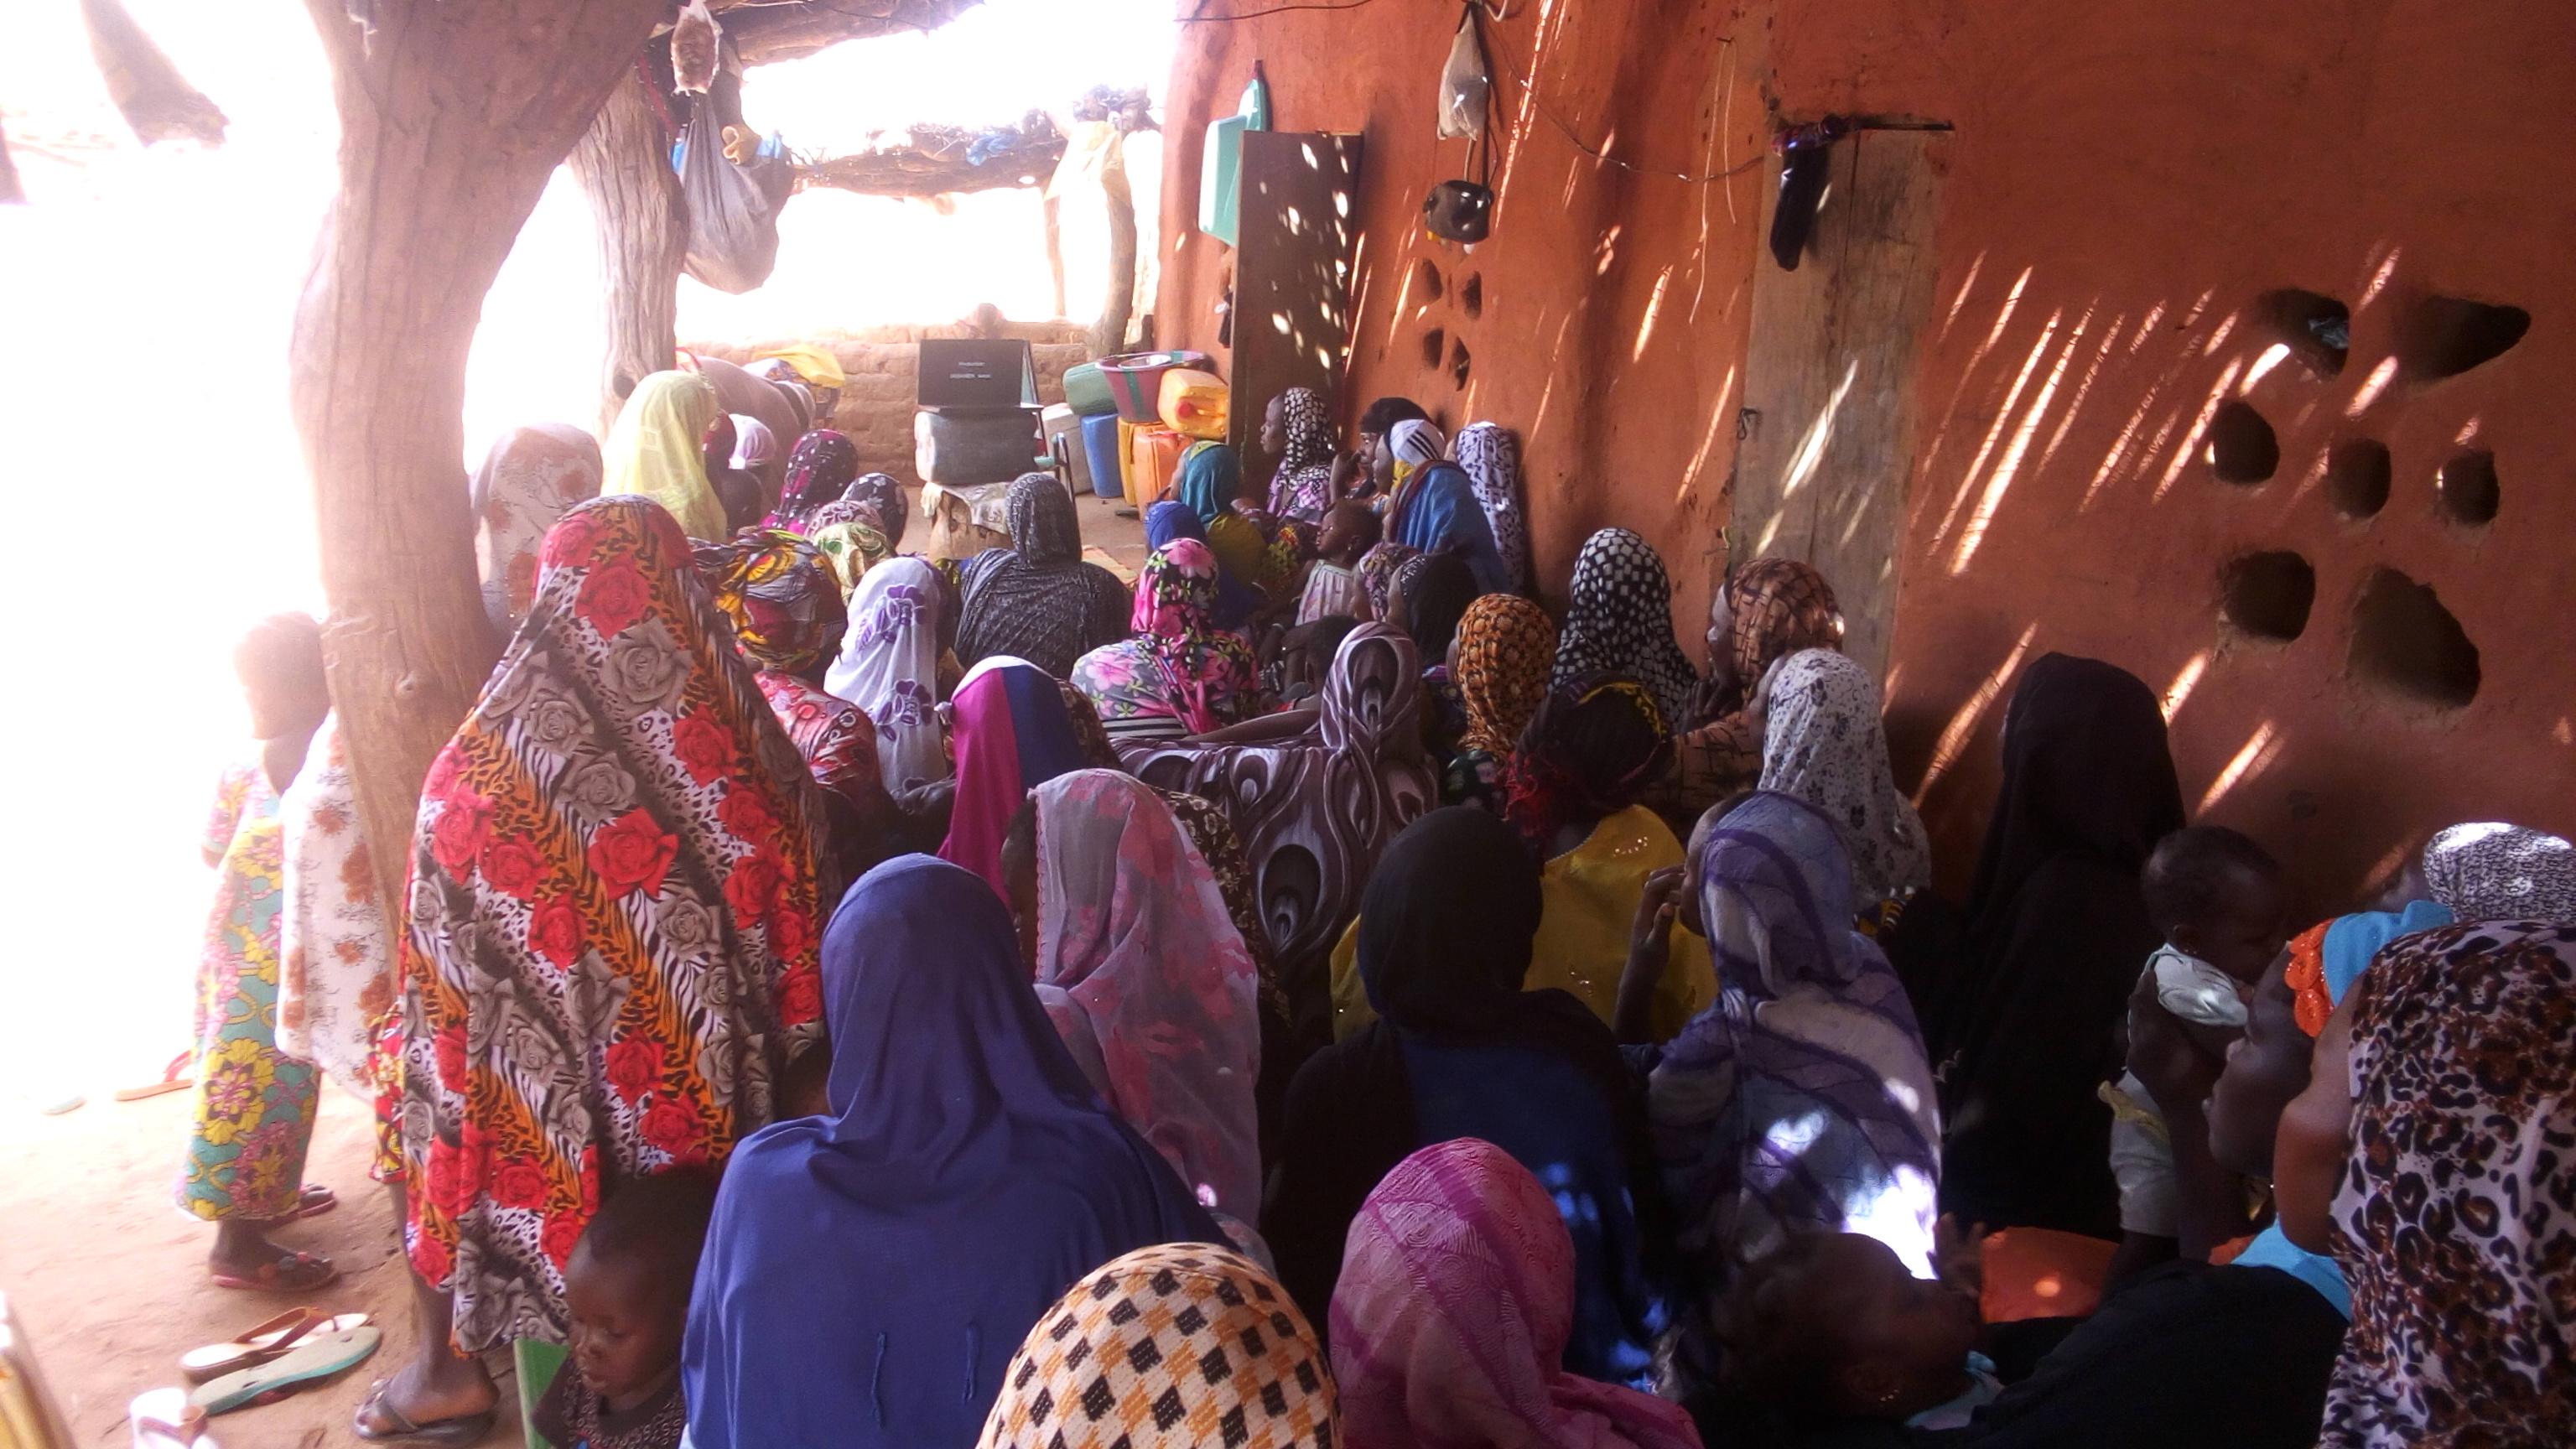 Oferta de empleo | Personal expatriado en Mali